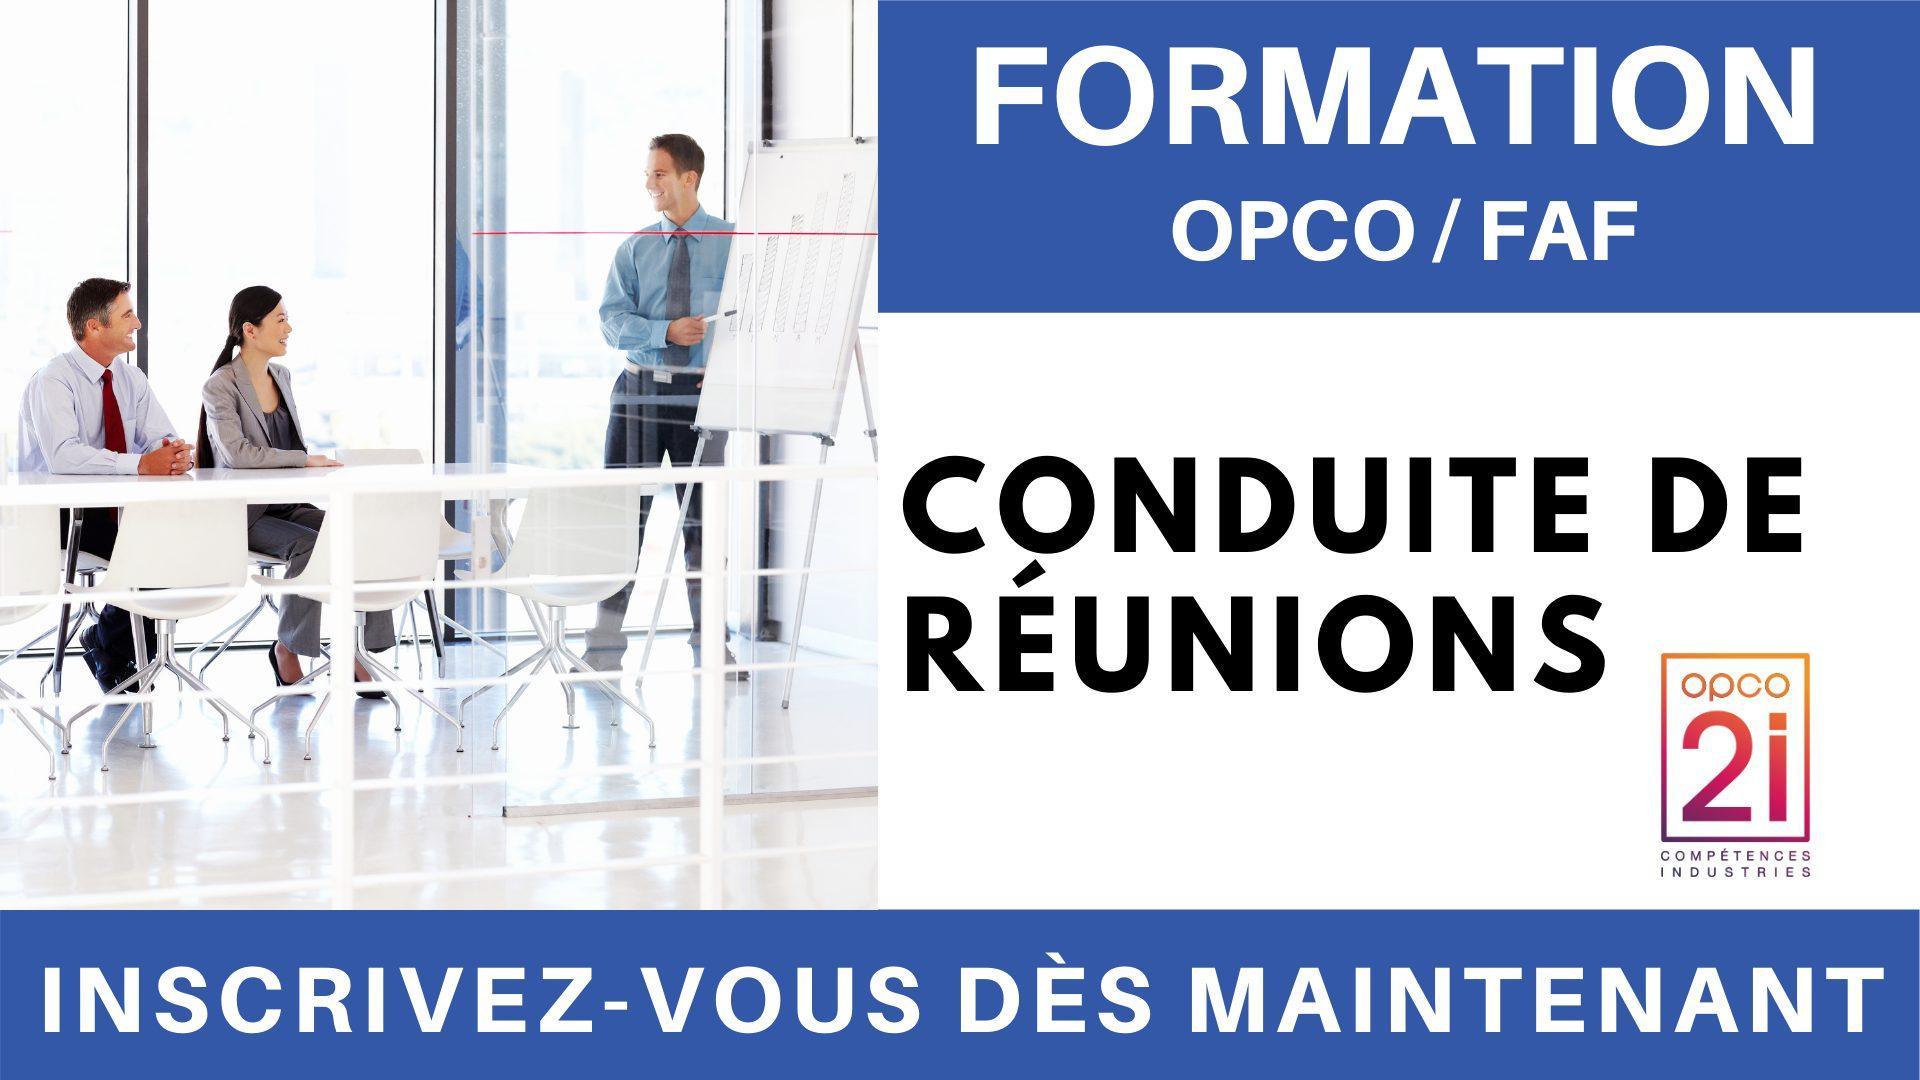 Formation OPCO FAF - Conduite de réunions